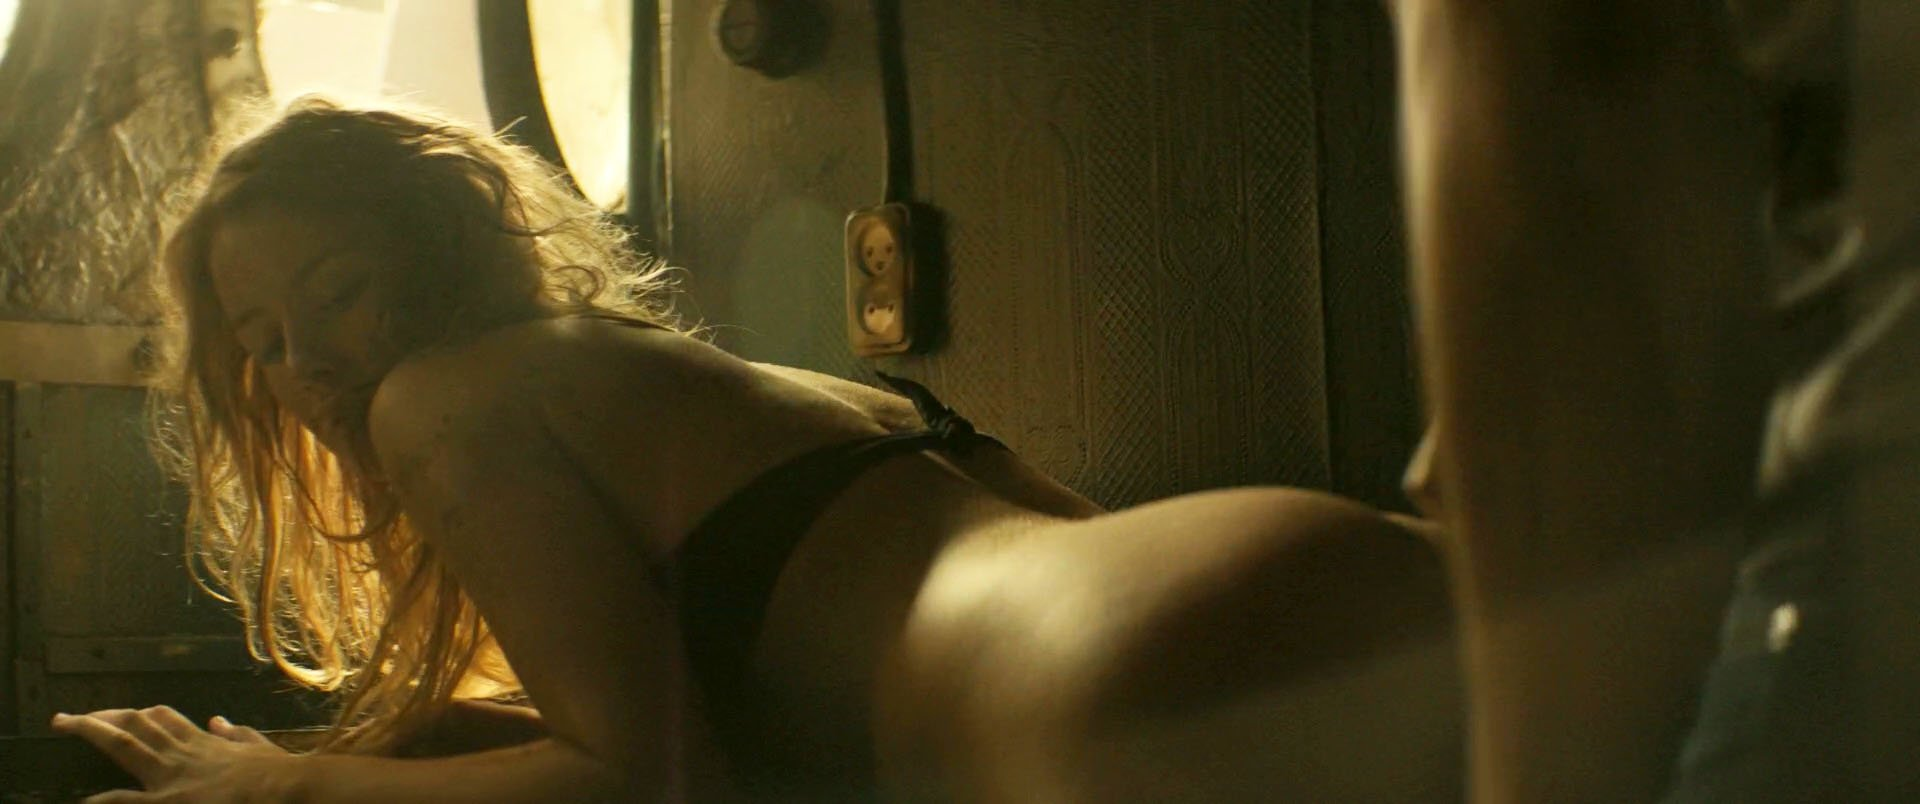 Irina Starshenbaum nude - Black Water (2017)